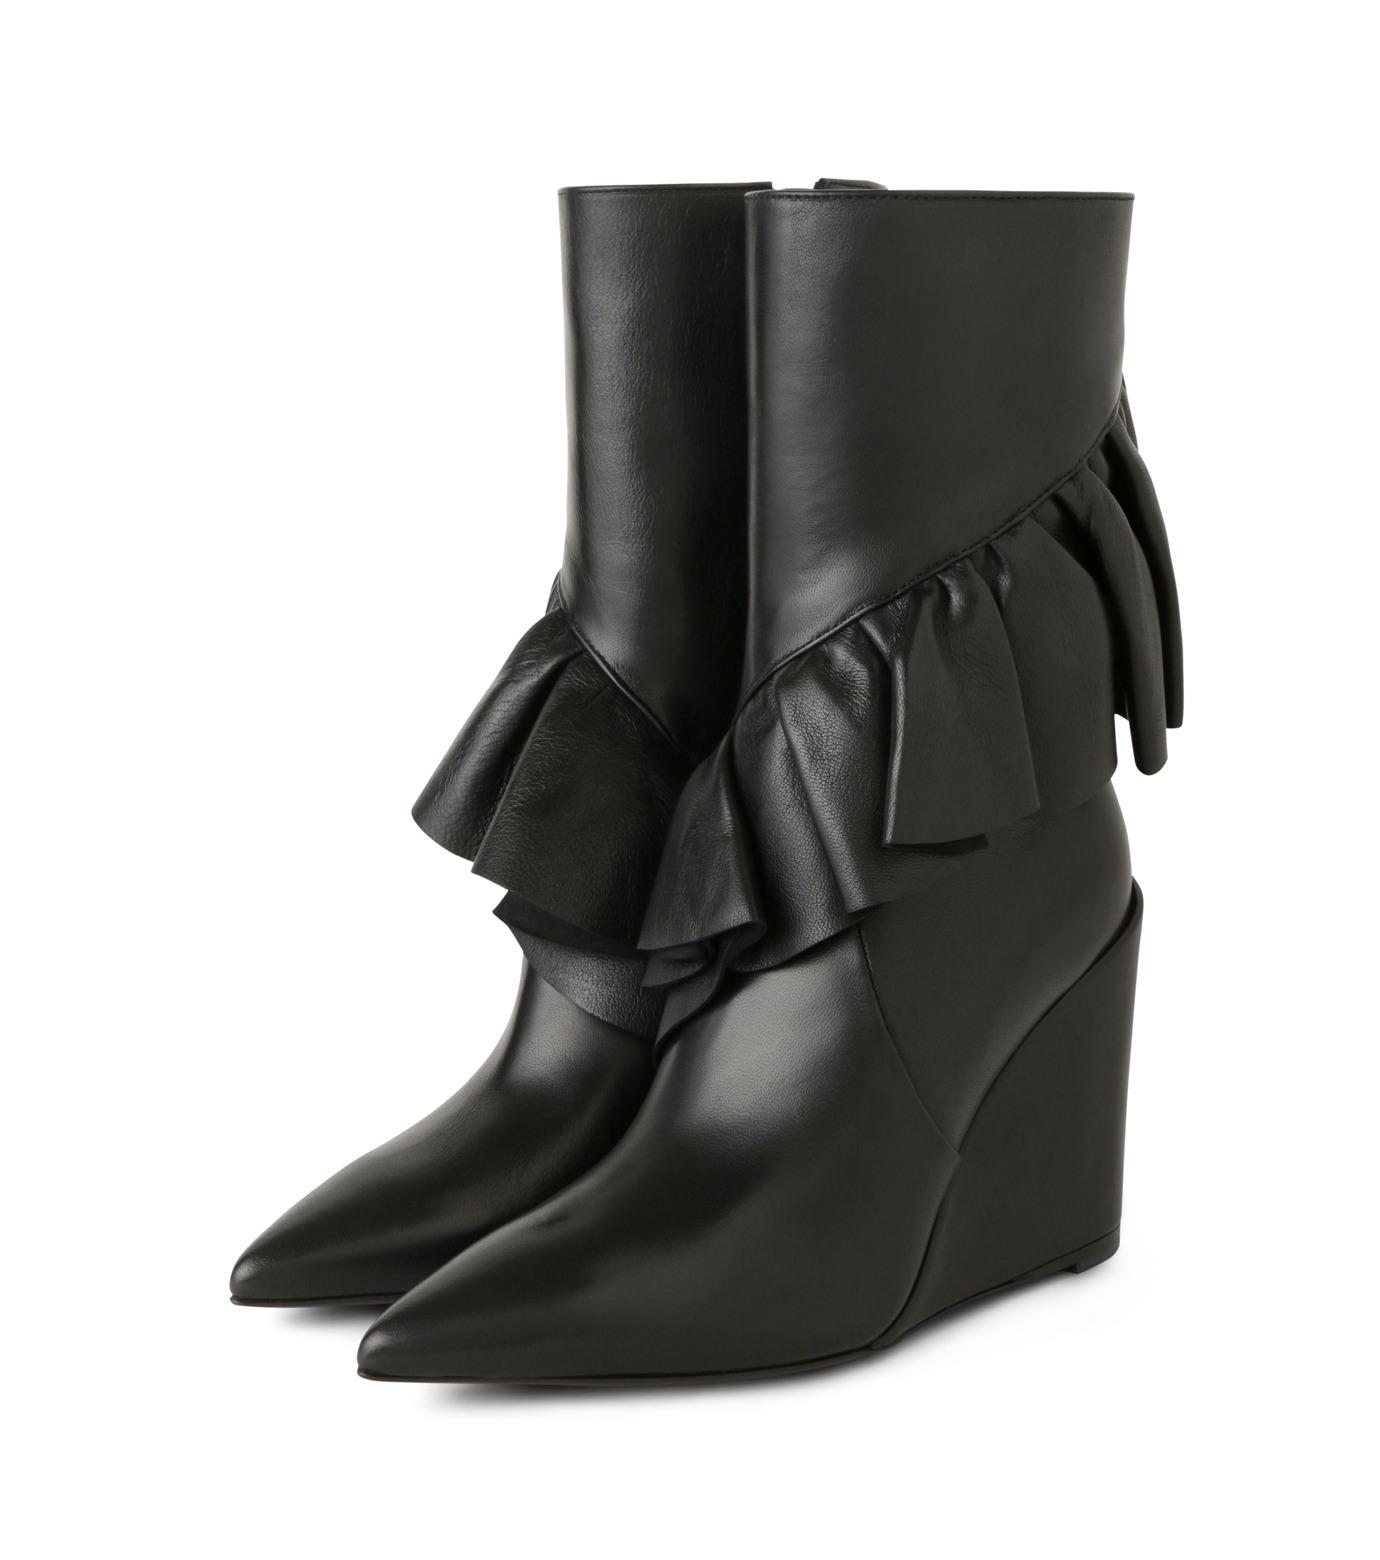 J.W.Anderson(ジェイダブリュー アンダーソン)のMid Calf Ruffle Boot-BLACK(ブーツ/boots)-JWAFW03C-13 拡大詳細画像3